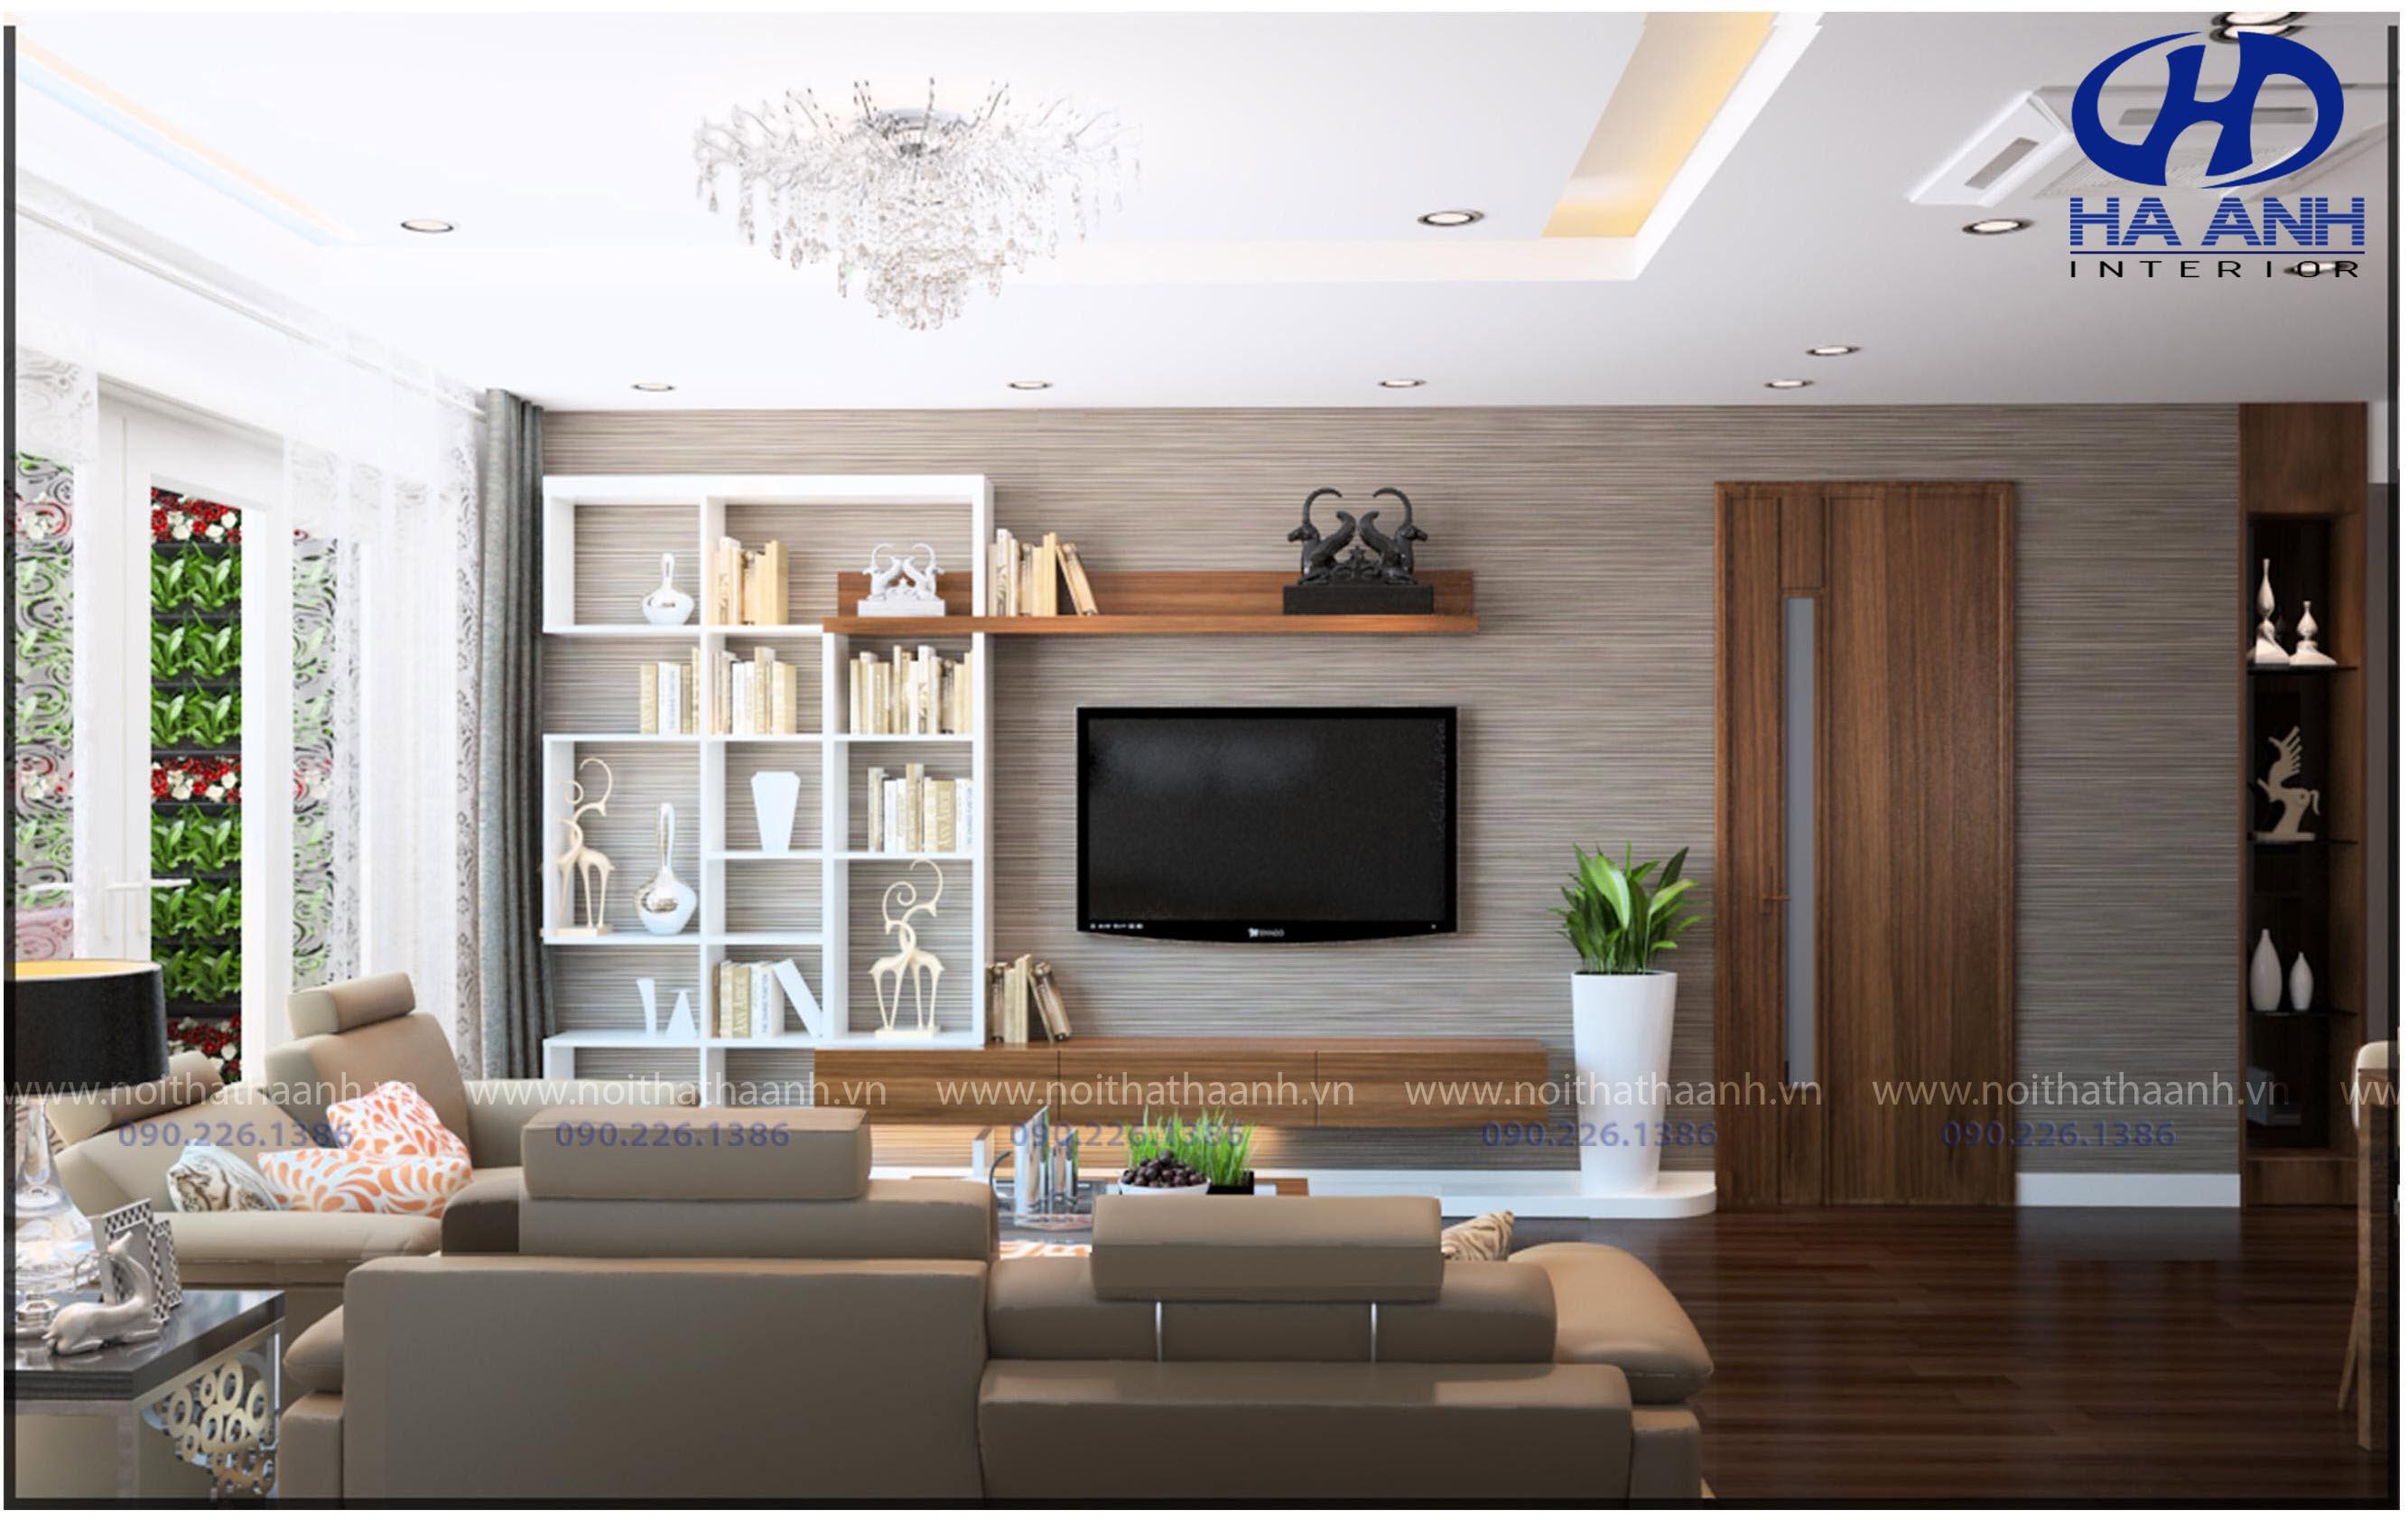 Phòng khách laminate HA-8106